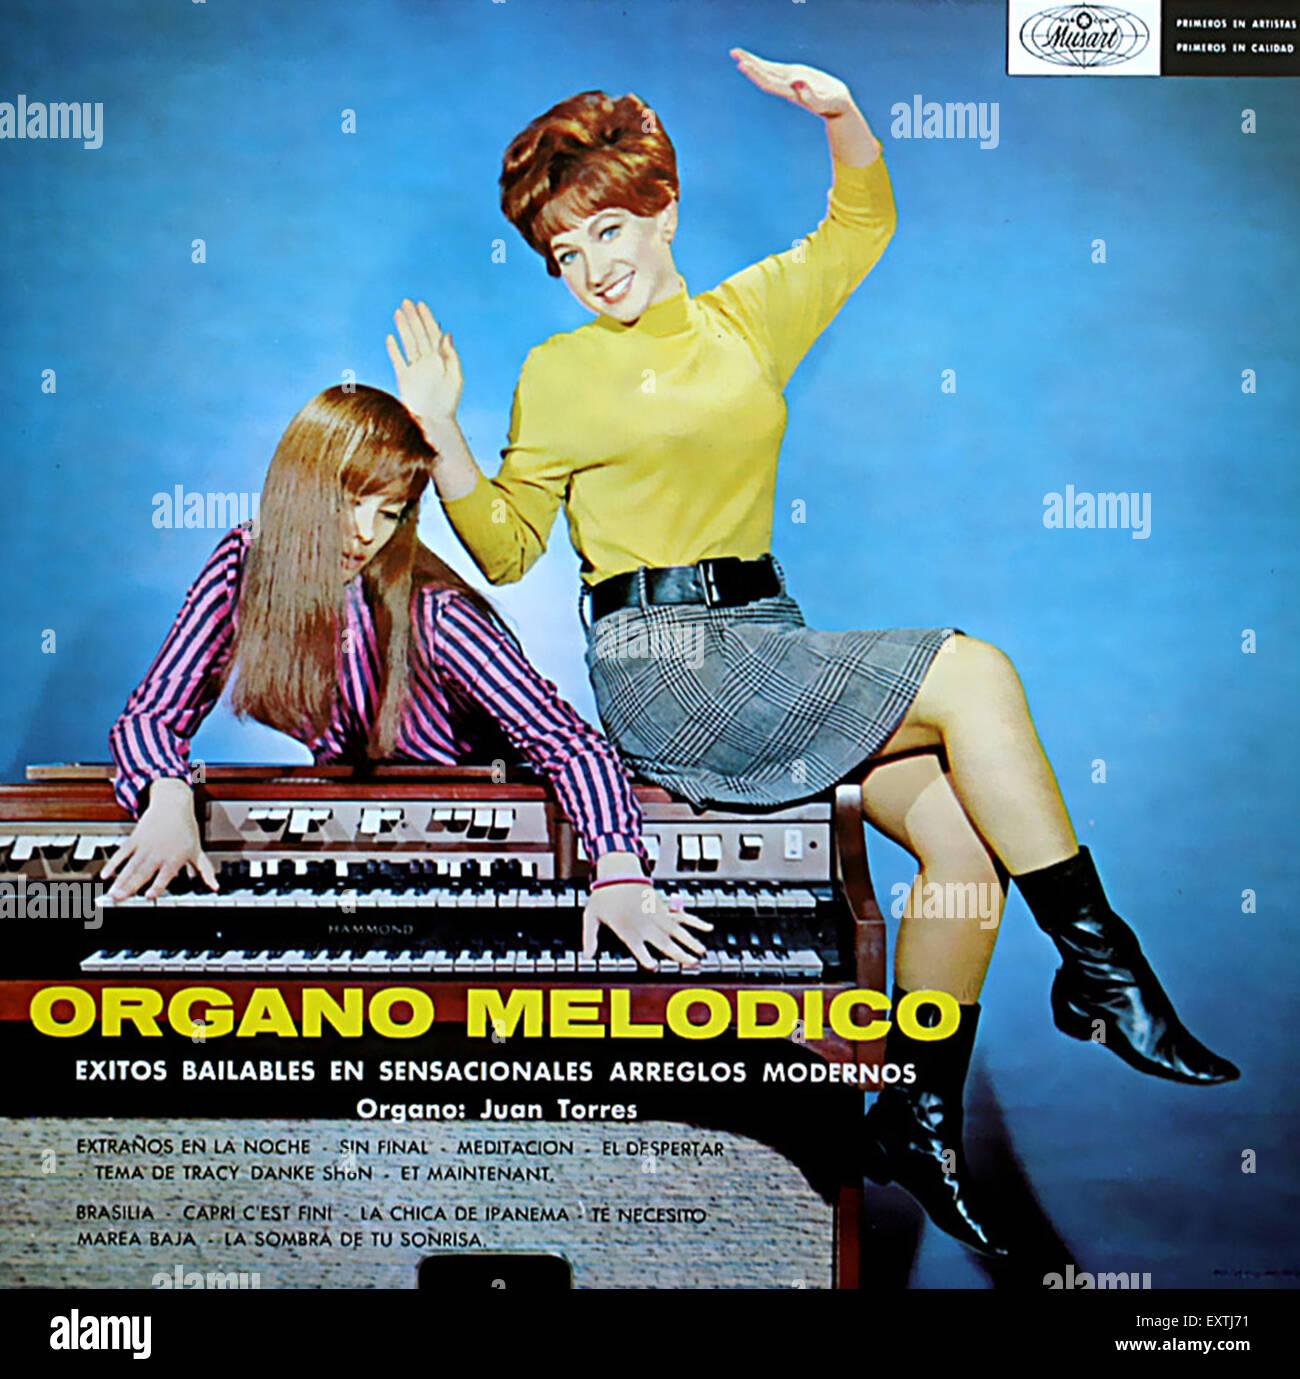 1960 España Organo Melodico portada del álbum Imagen De Stock